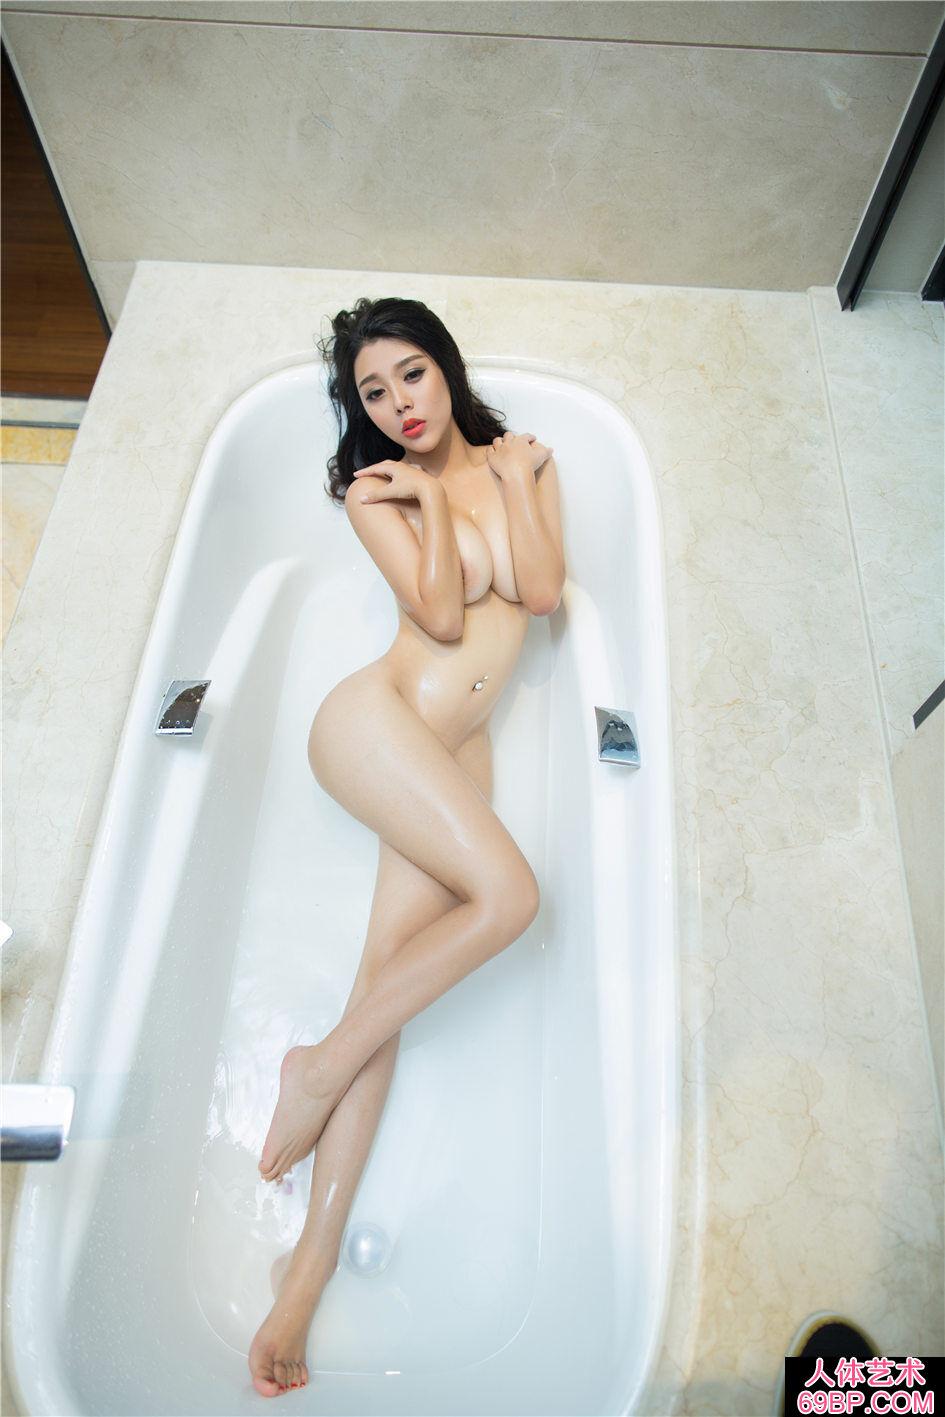 身材很棒的大学生浴室湿身人体写真